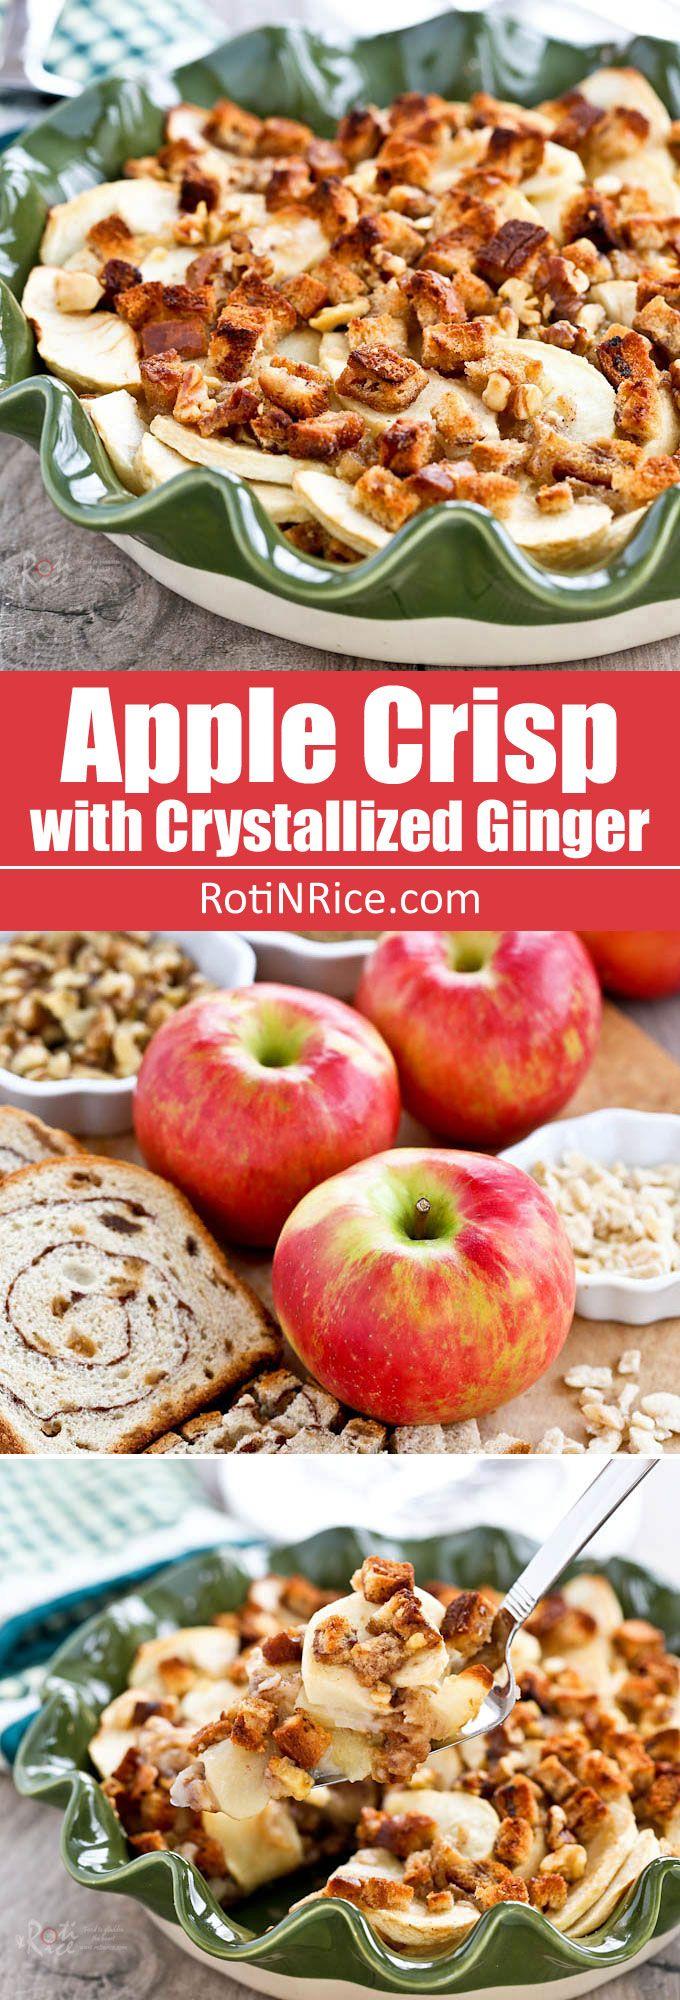 how to make crystallized ginger uk